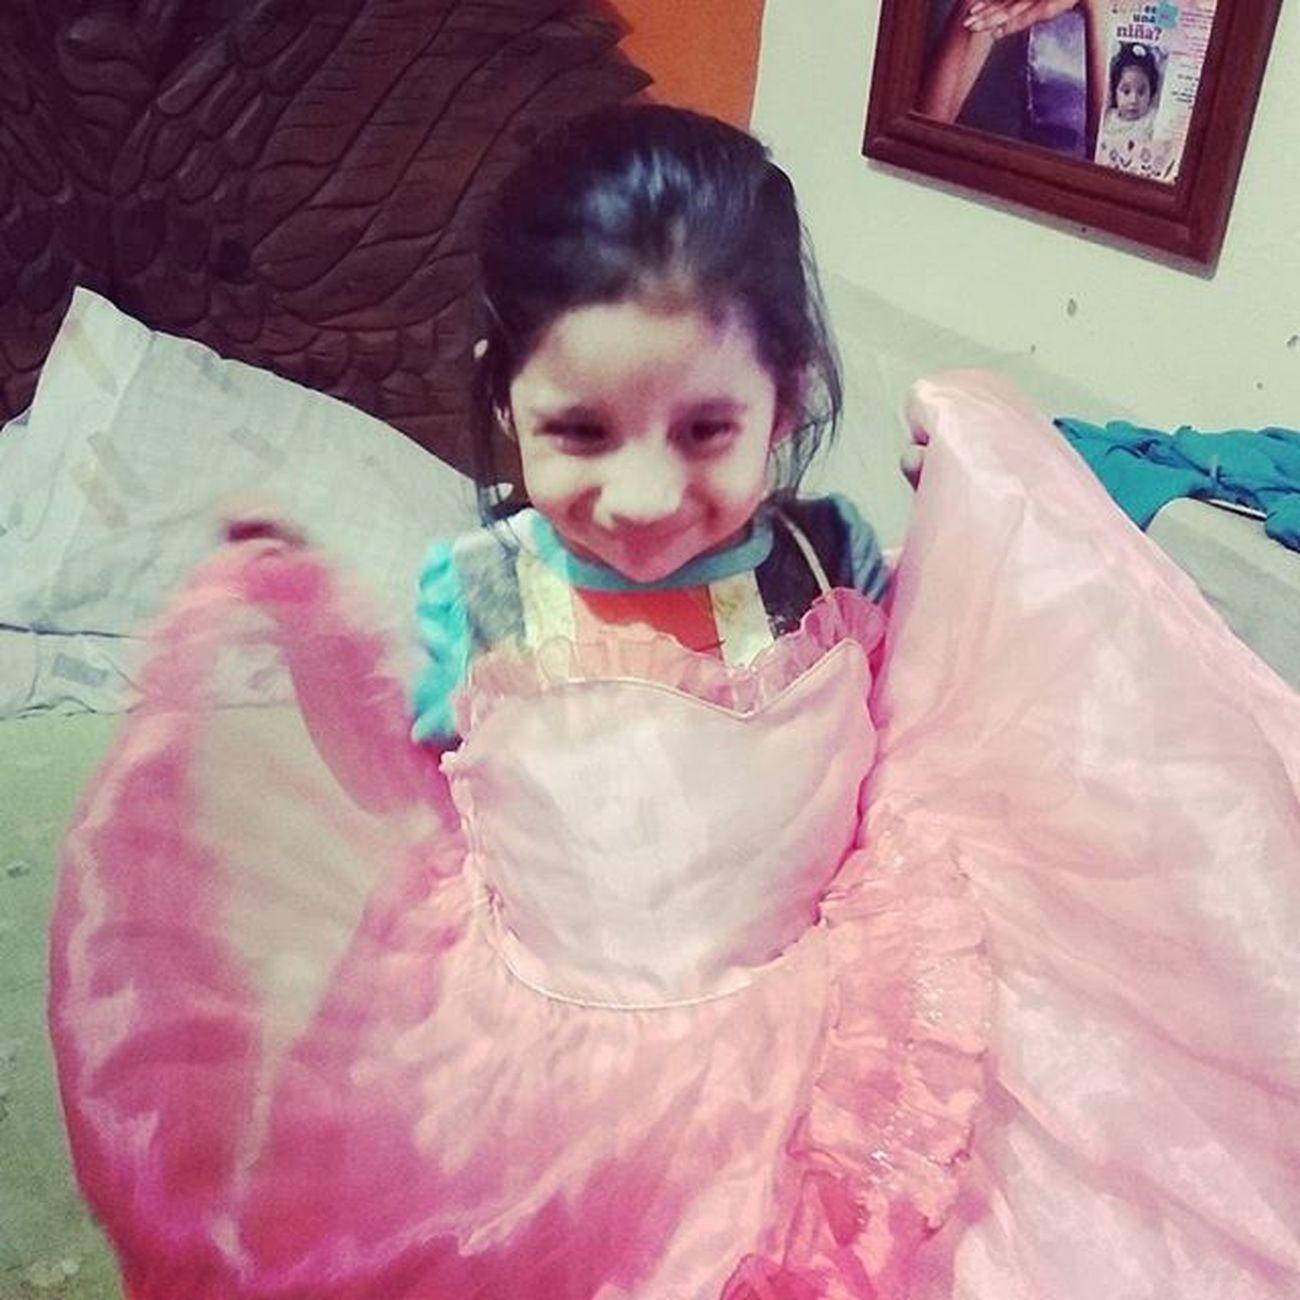 The Princess Princess Pink Princesa Rosa Hermosa Monterrey Mexico Instashot Hielo Frio Furia Queen Rock Prueba